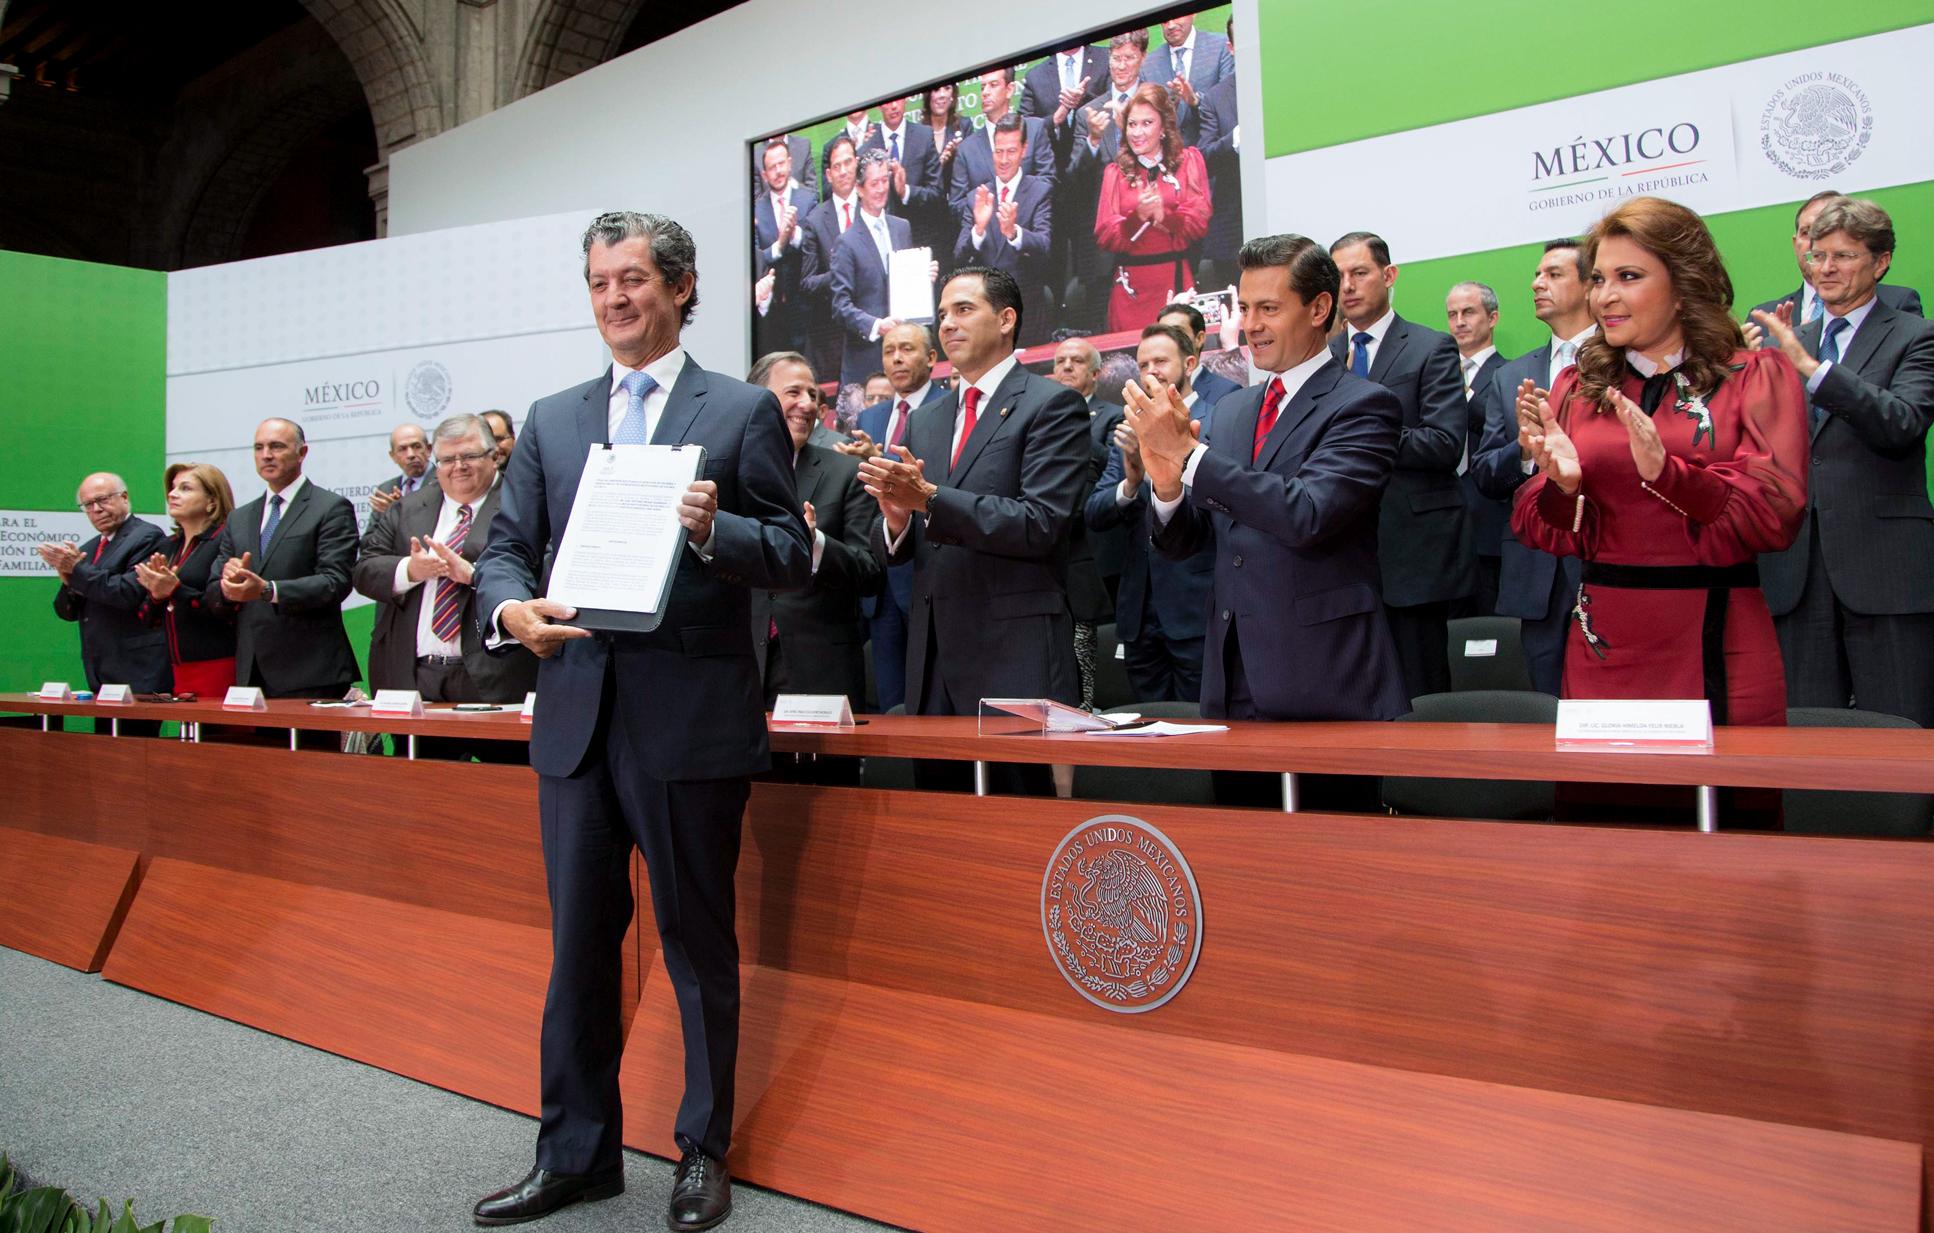 Al hacer hoy entrega de la concesión para el inicio de operaciones de la nueva BIVA, el Presidente Enrique Peña Nieto mencionó que la nueva Bolsa es uno más de los proyectos que se han vuelto realidad en este sexenio, rompiendo resistencias de años.